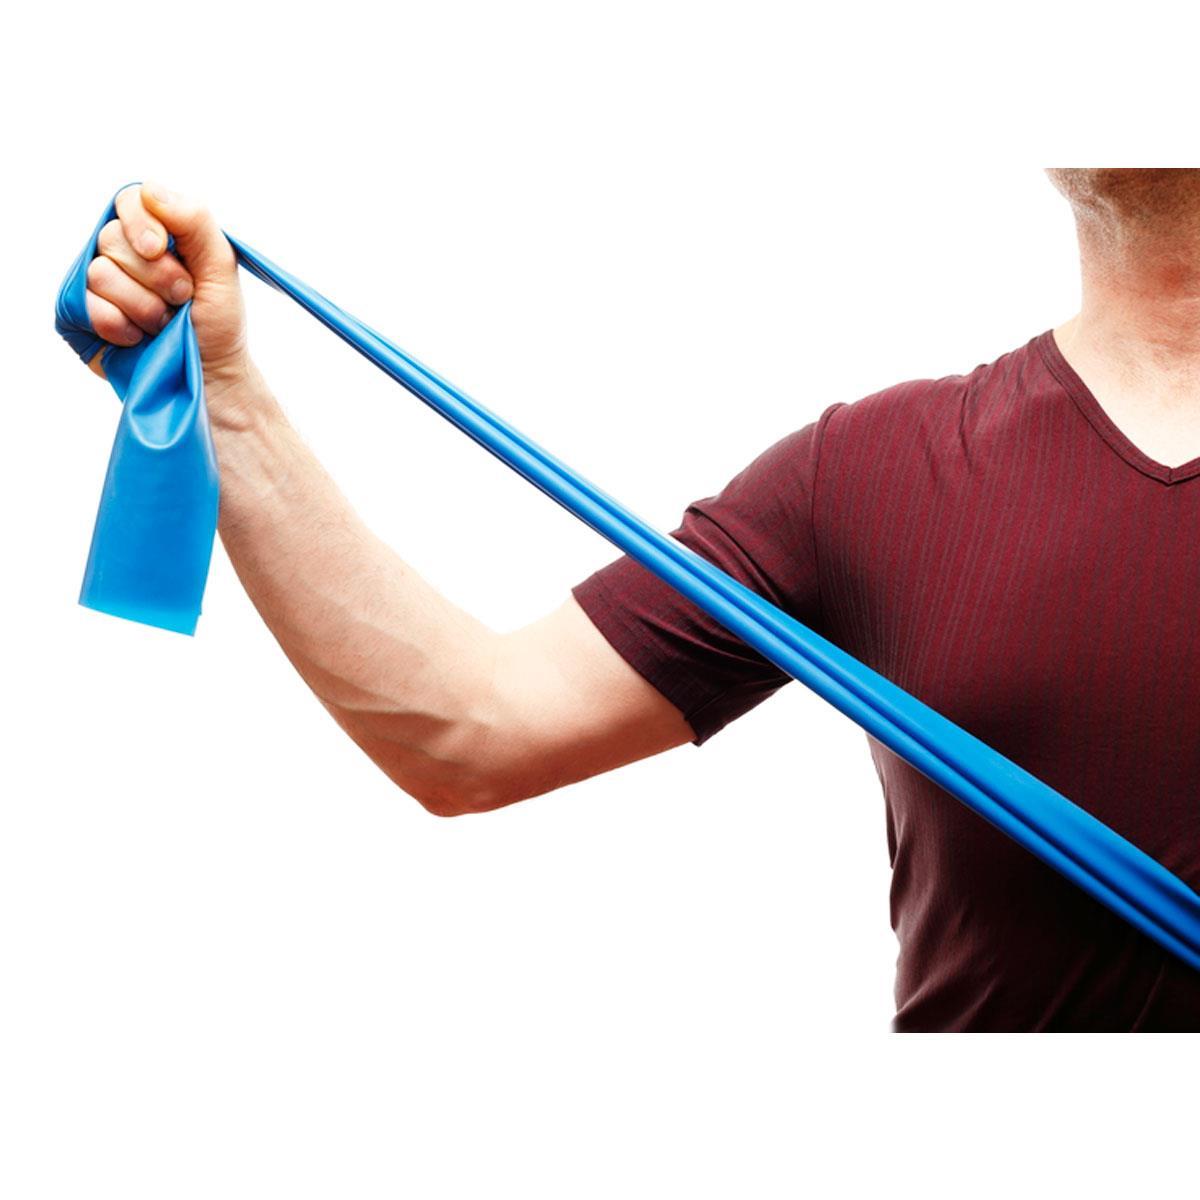 Faixa Elástica Thera Band - Azul Extra Forte - 1M - Exercícios E Fisioterapia